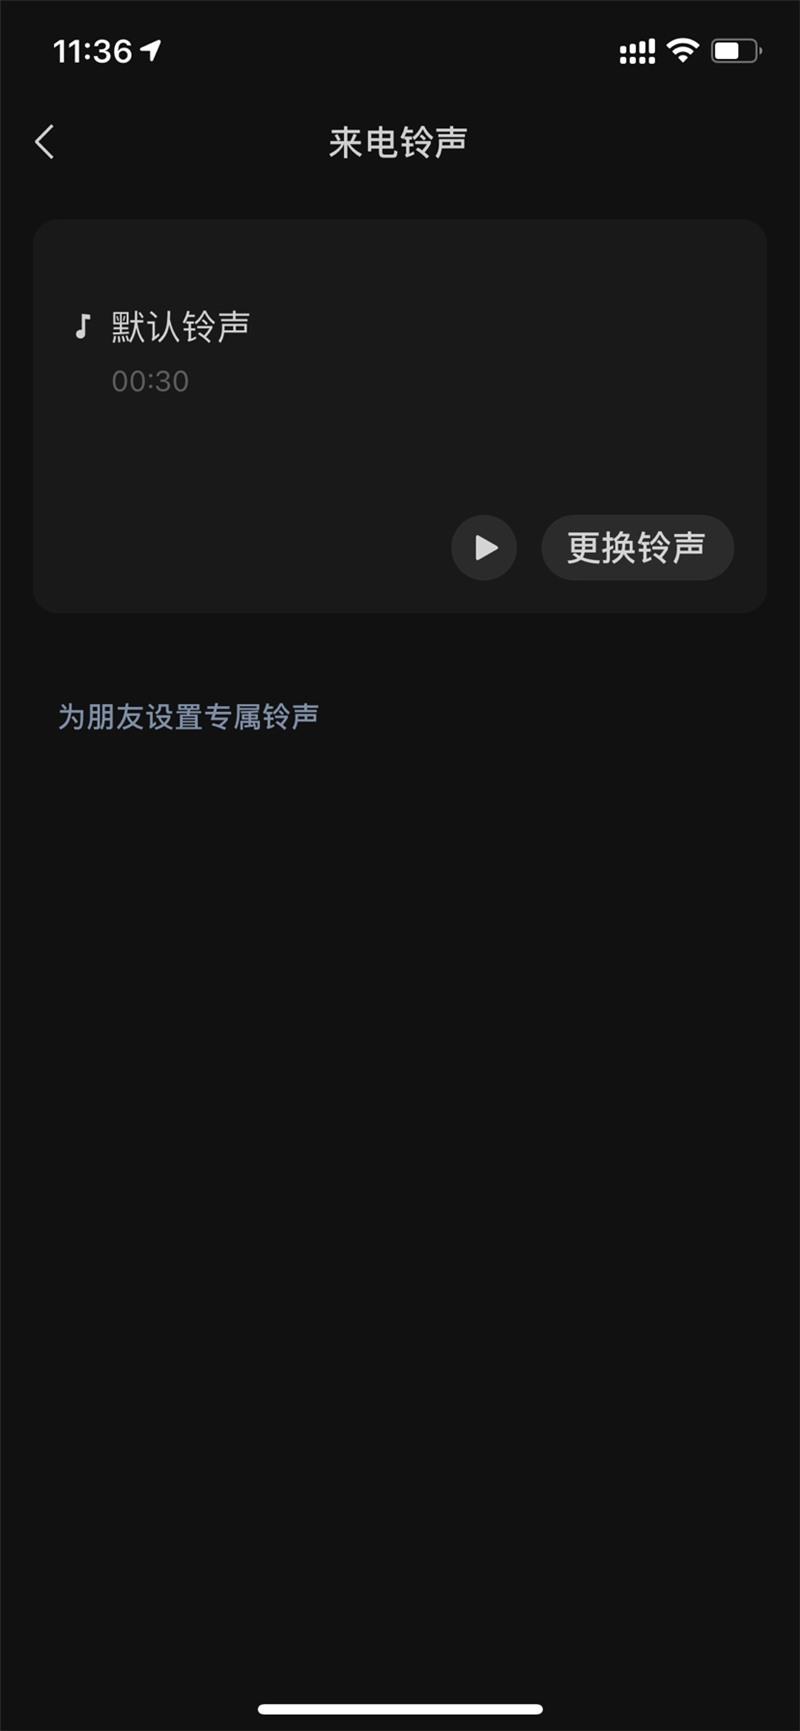 微信 iOS 版发布 8.0.8 正式版更新 支持更换消息提示音和来电铃声